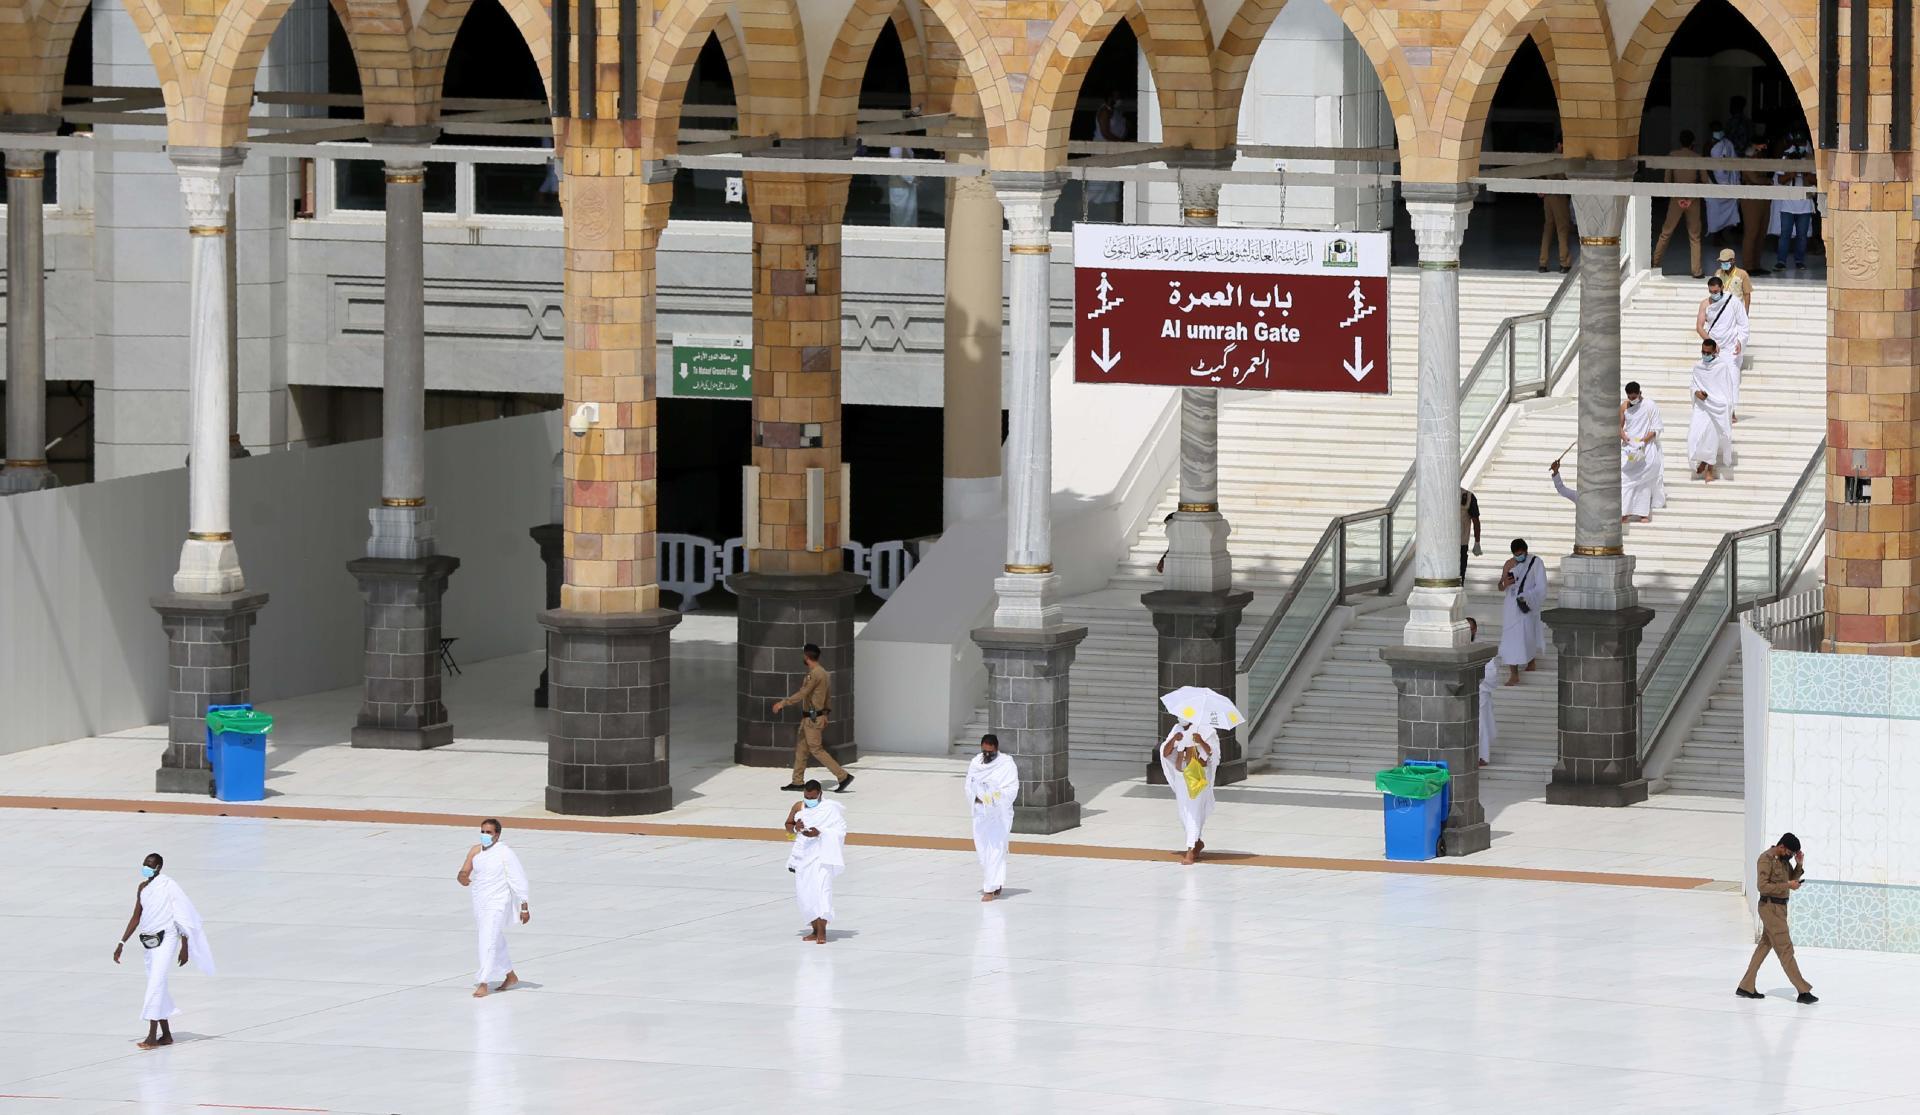 Le premier groupe de pèlerins entre dans la Kaaba pour le hadj, le 29 juillet.